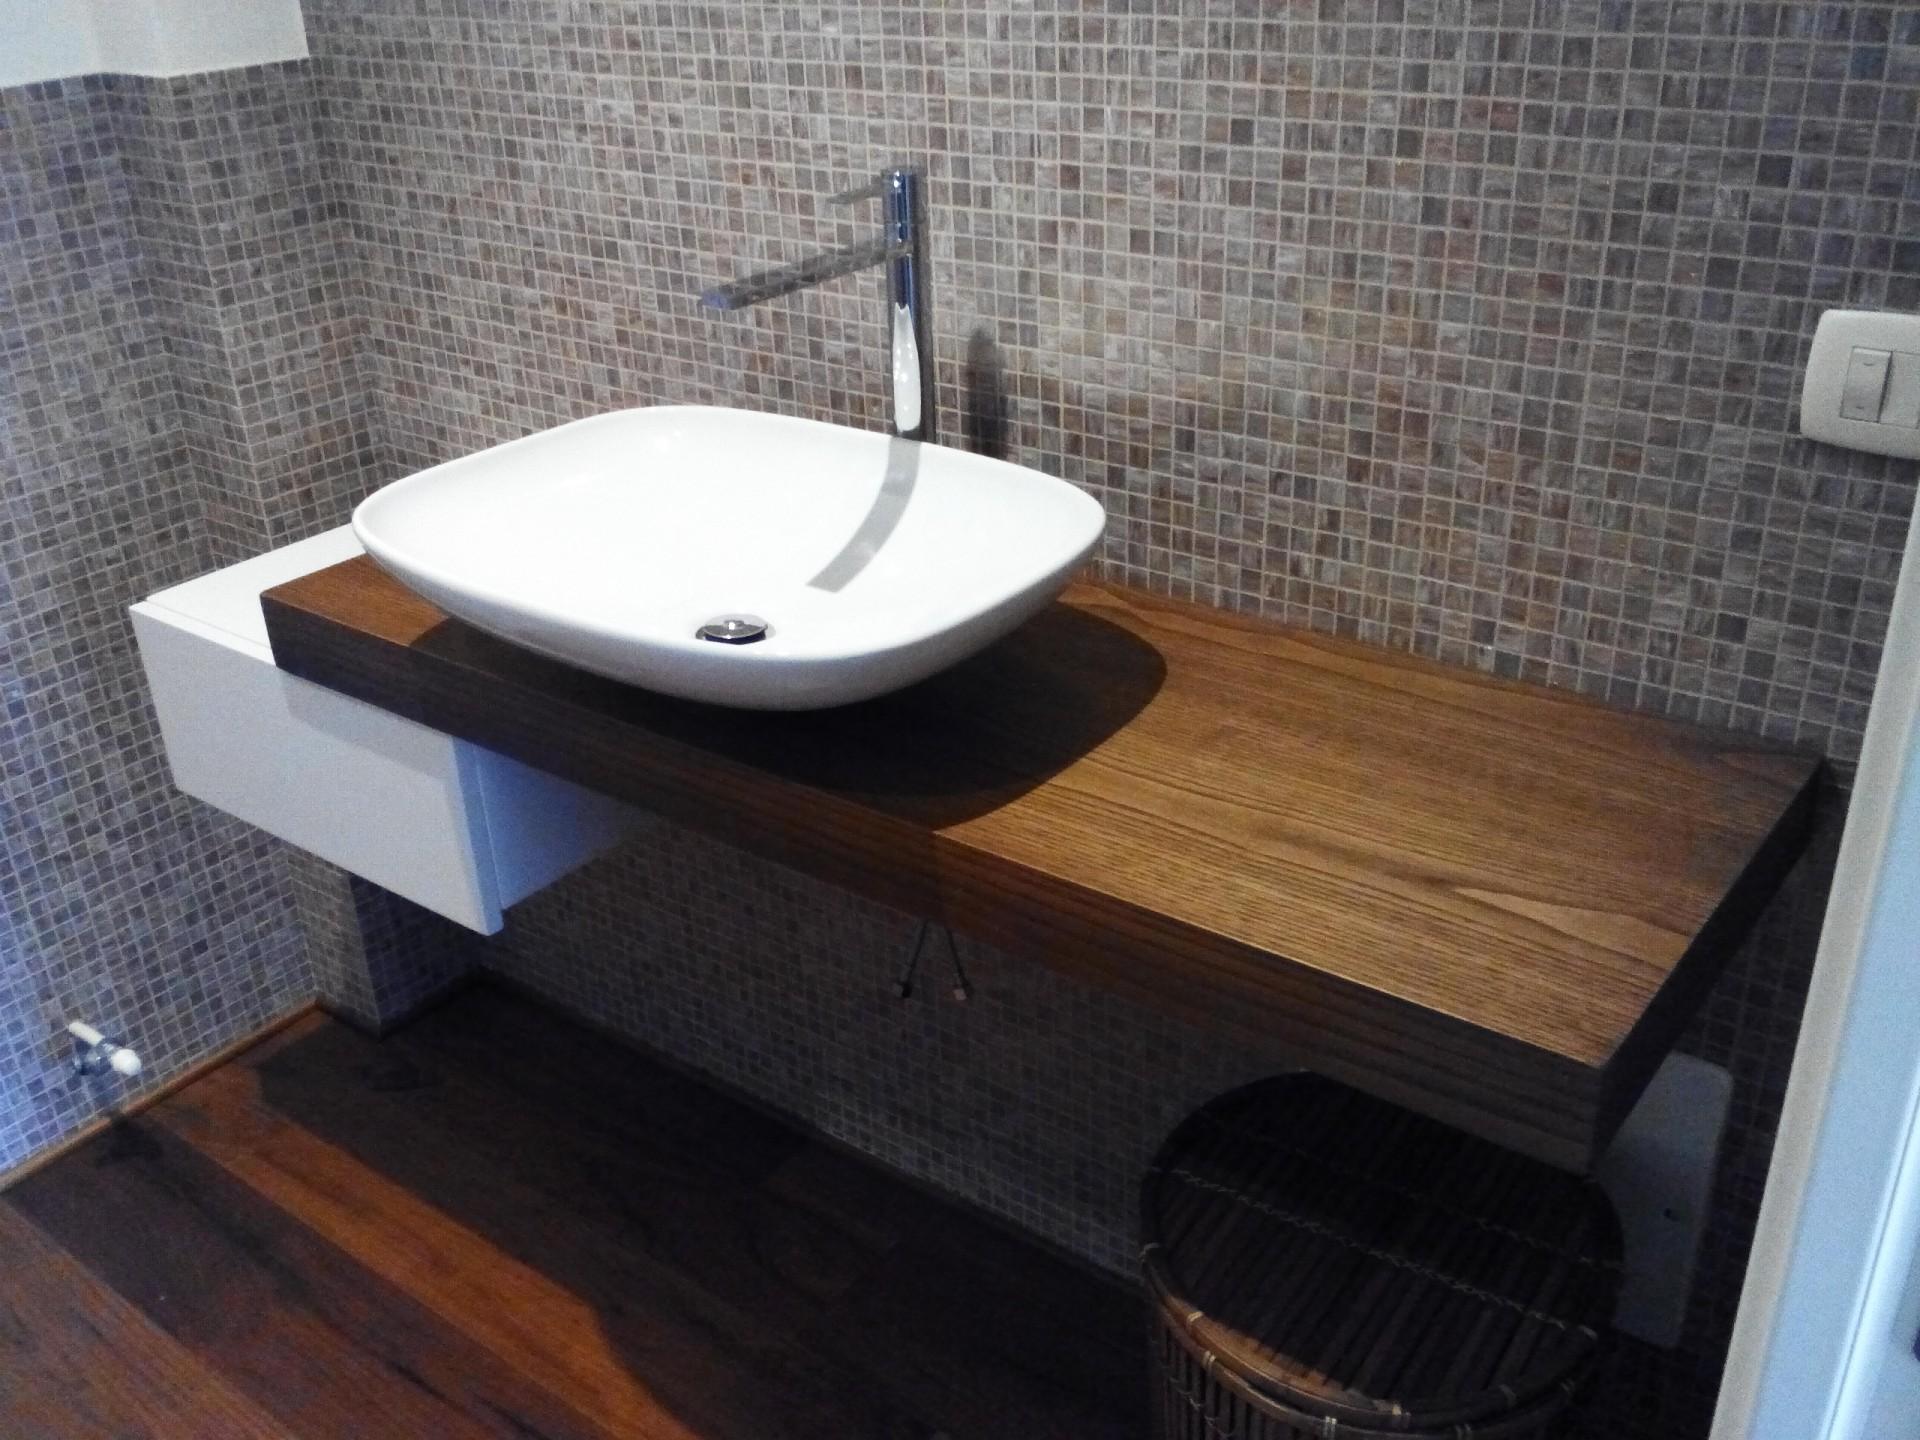 Mobili per bagno | Fadini Mobili Cerea Verona